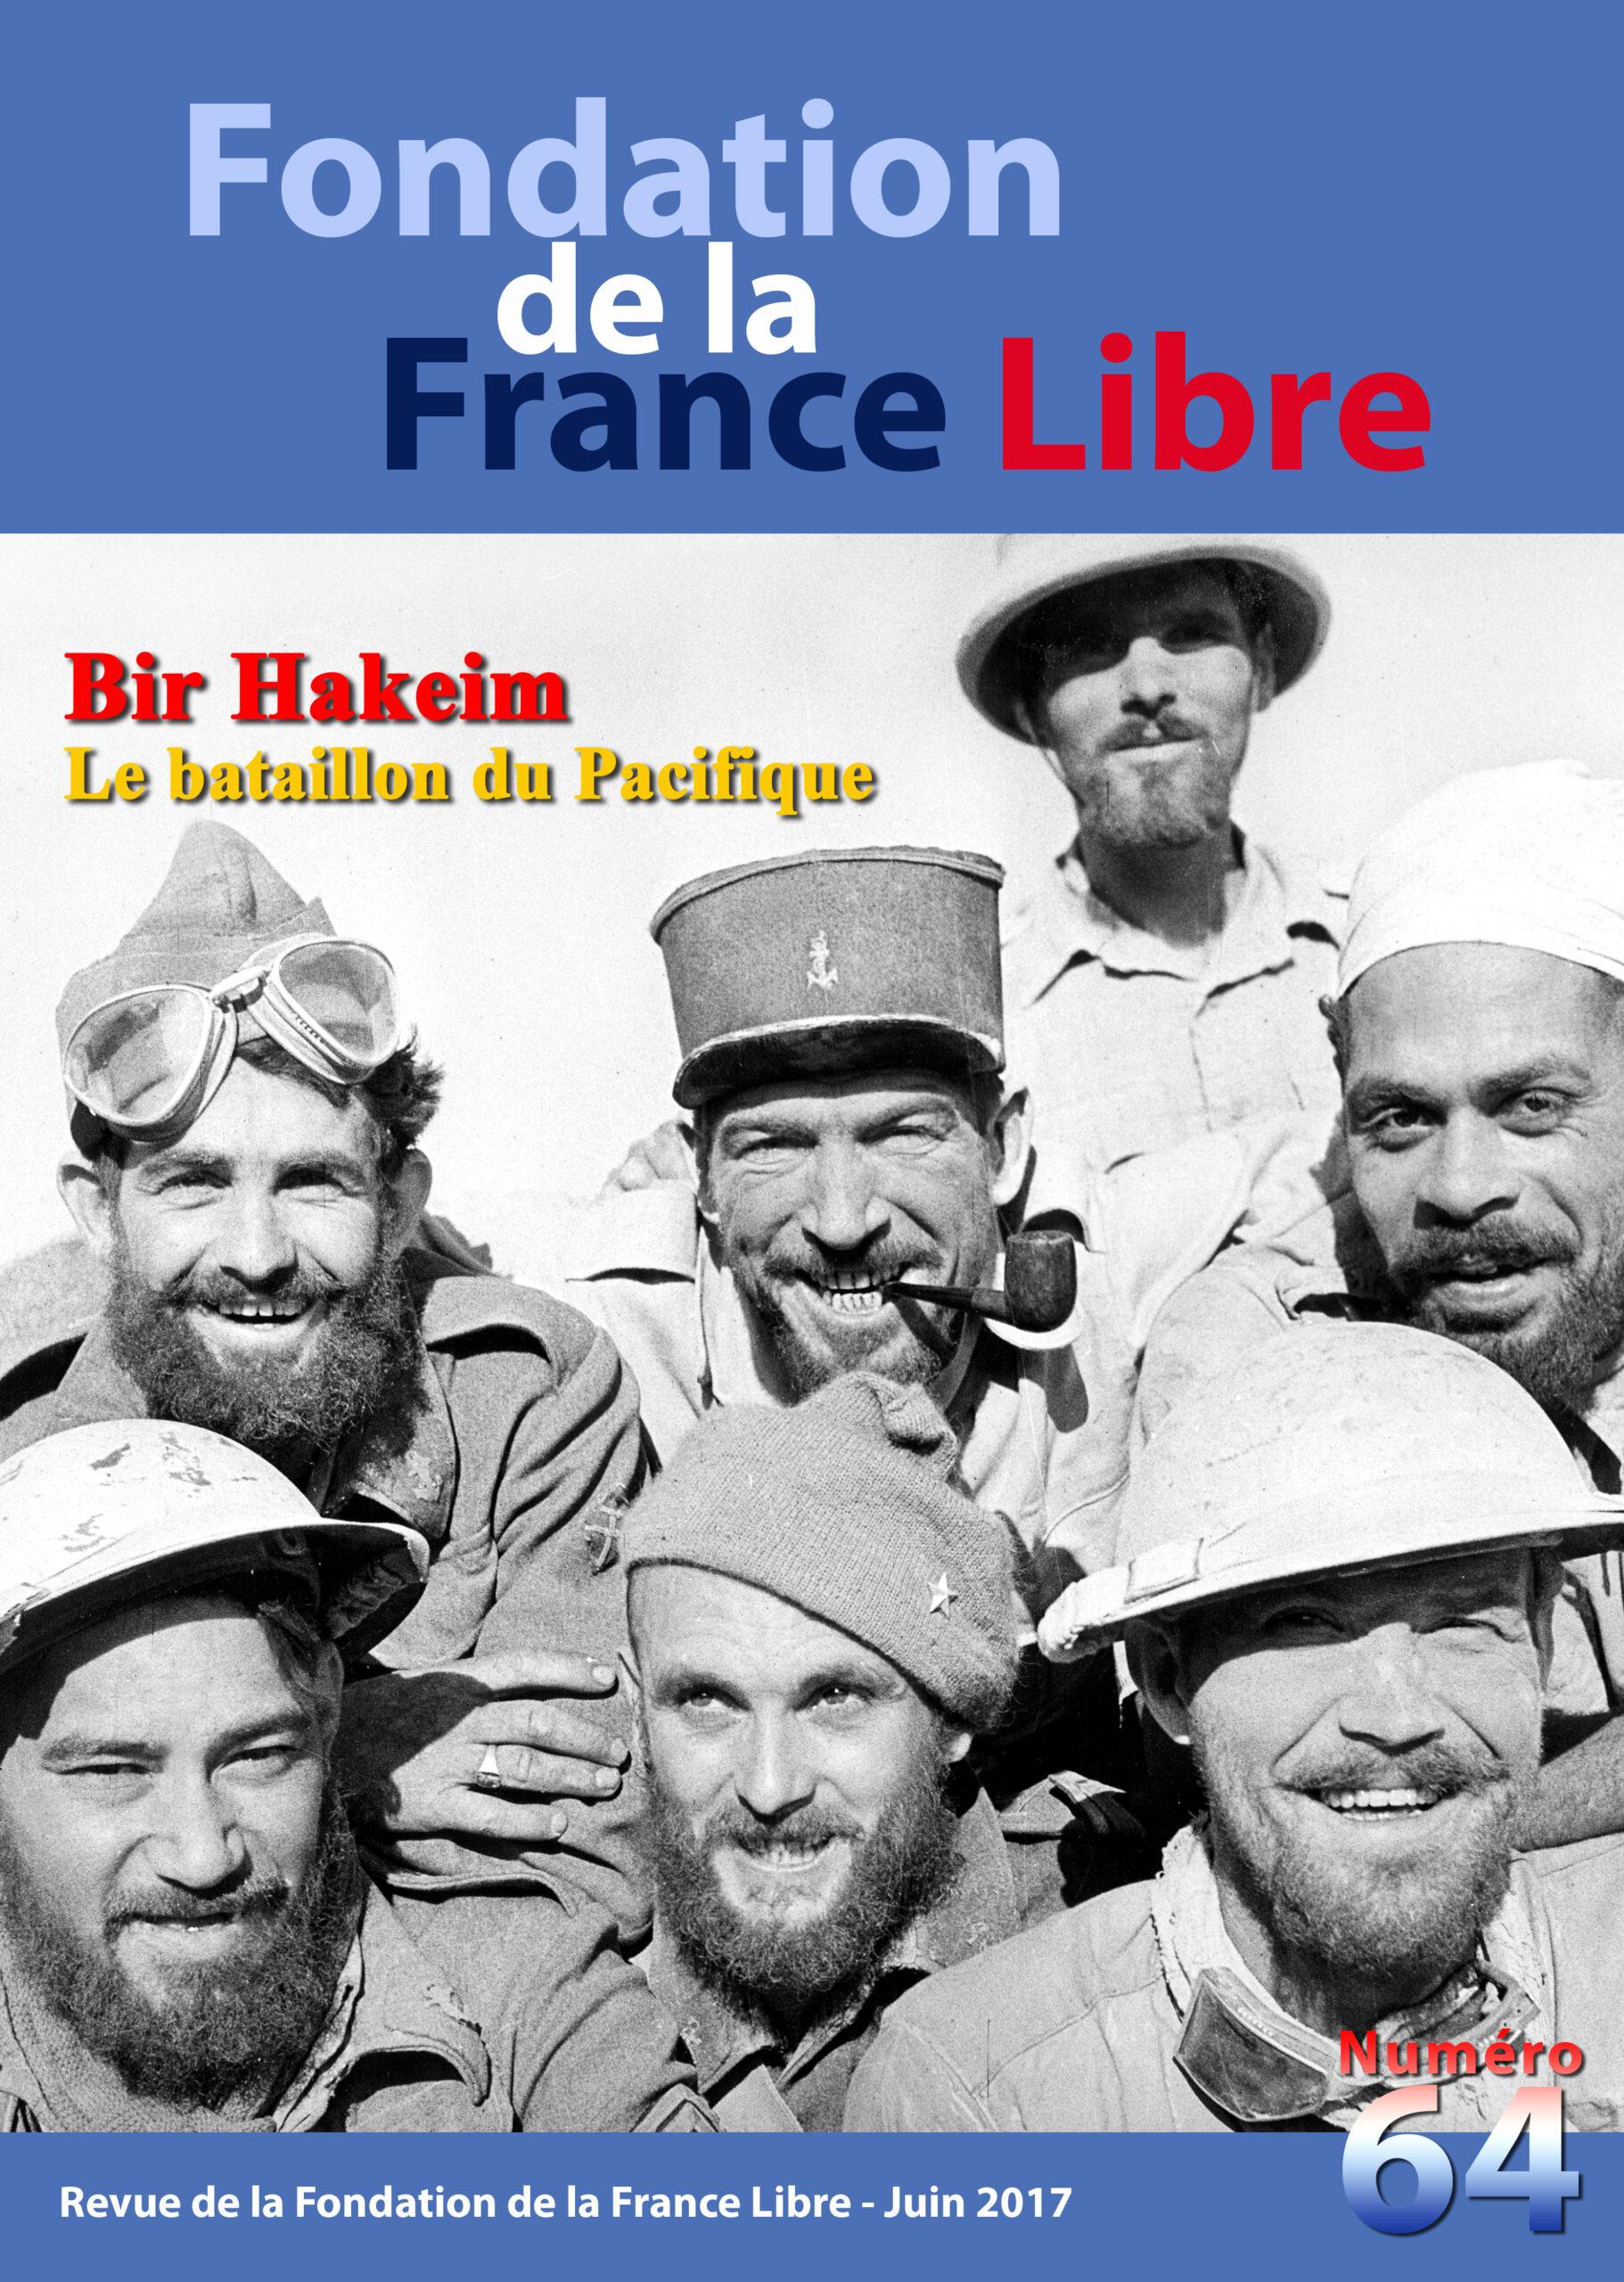 Fondation de la France Libre, n° 64, juin 2017